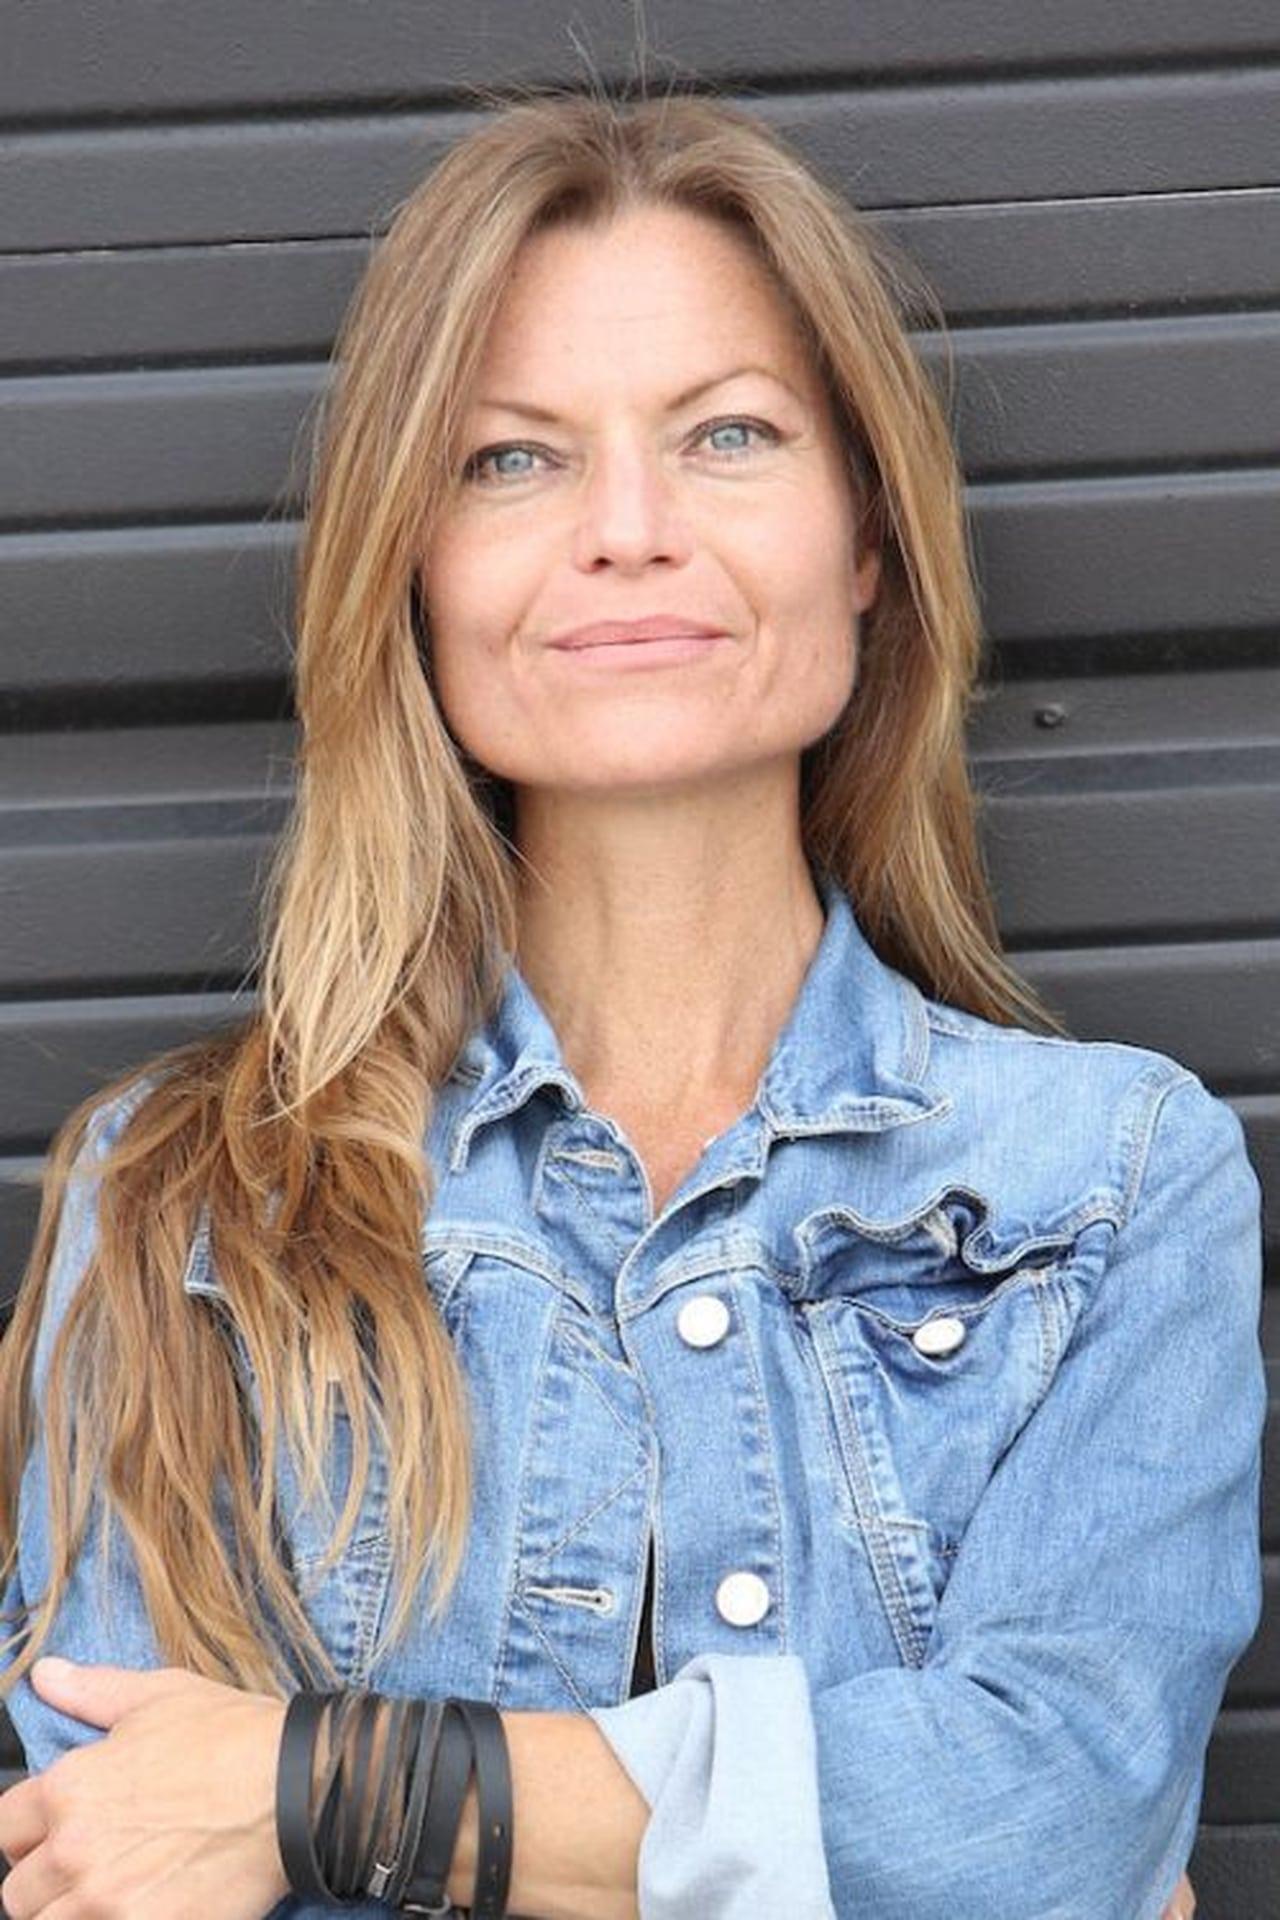 Jennifer Schwalenberg